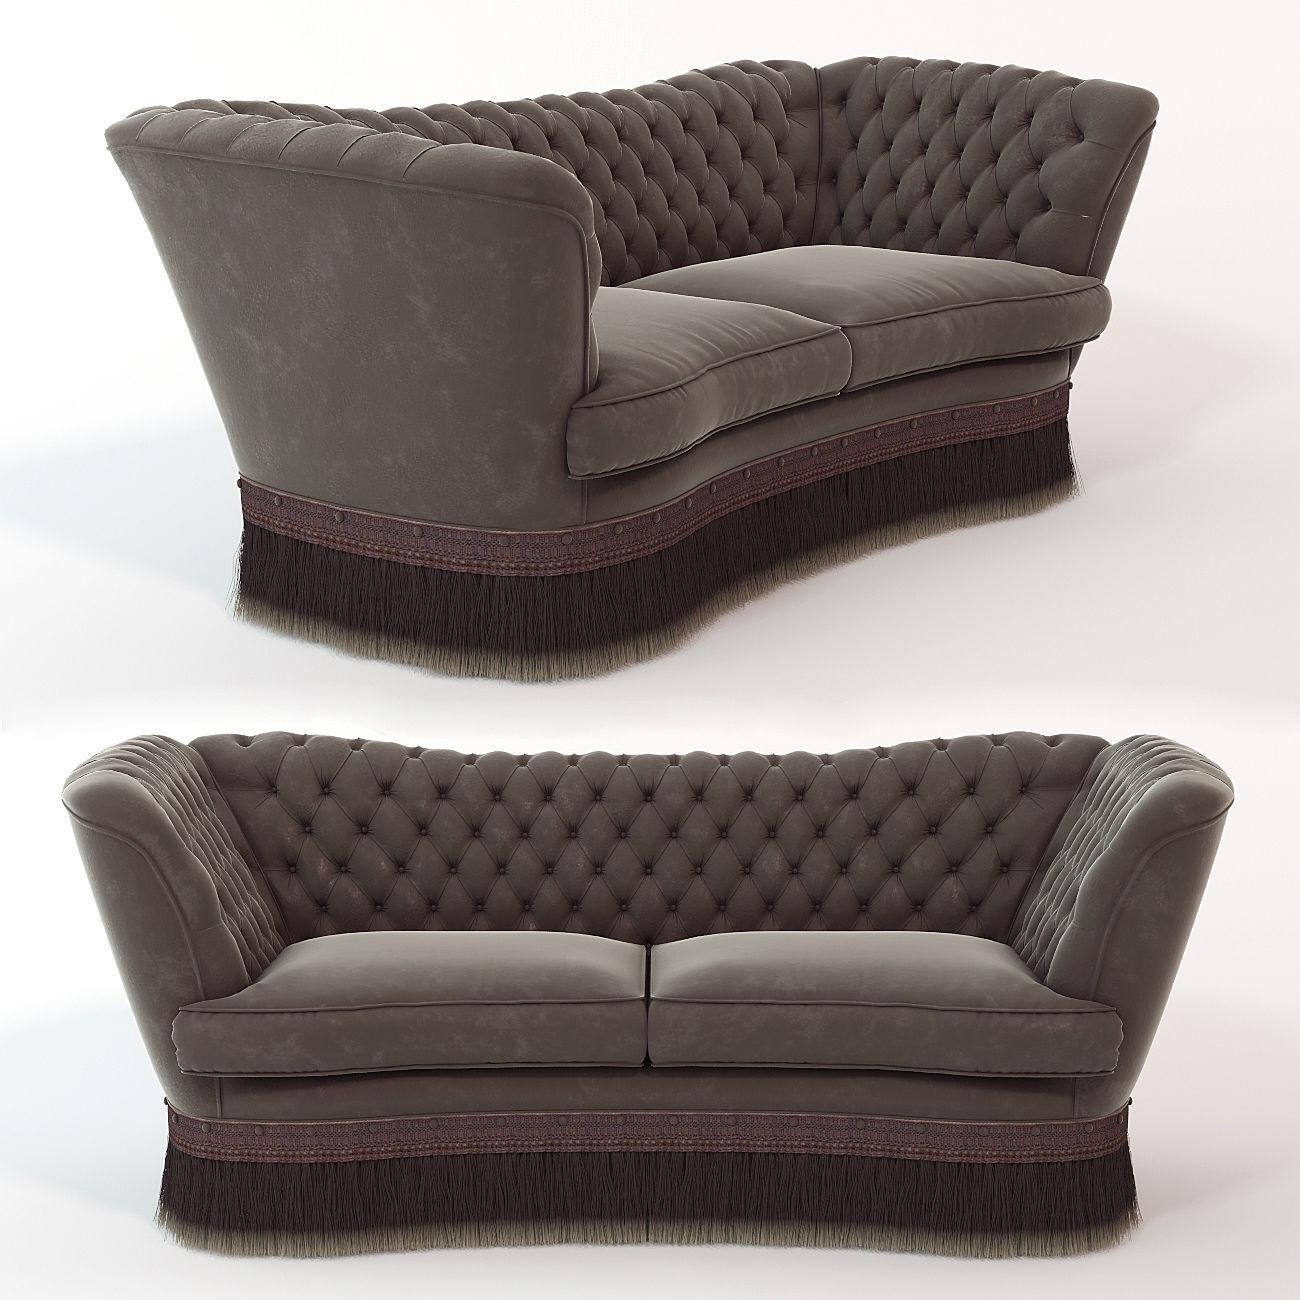 Sofa Library Oak Model Max Obj Mtl Fbx Stl 1